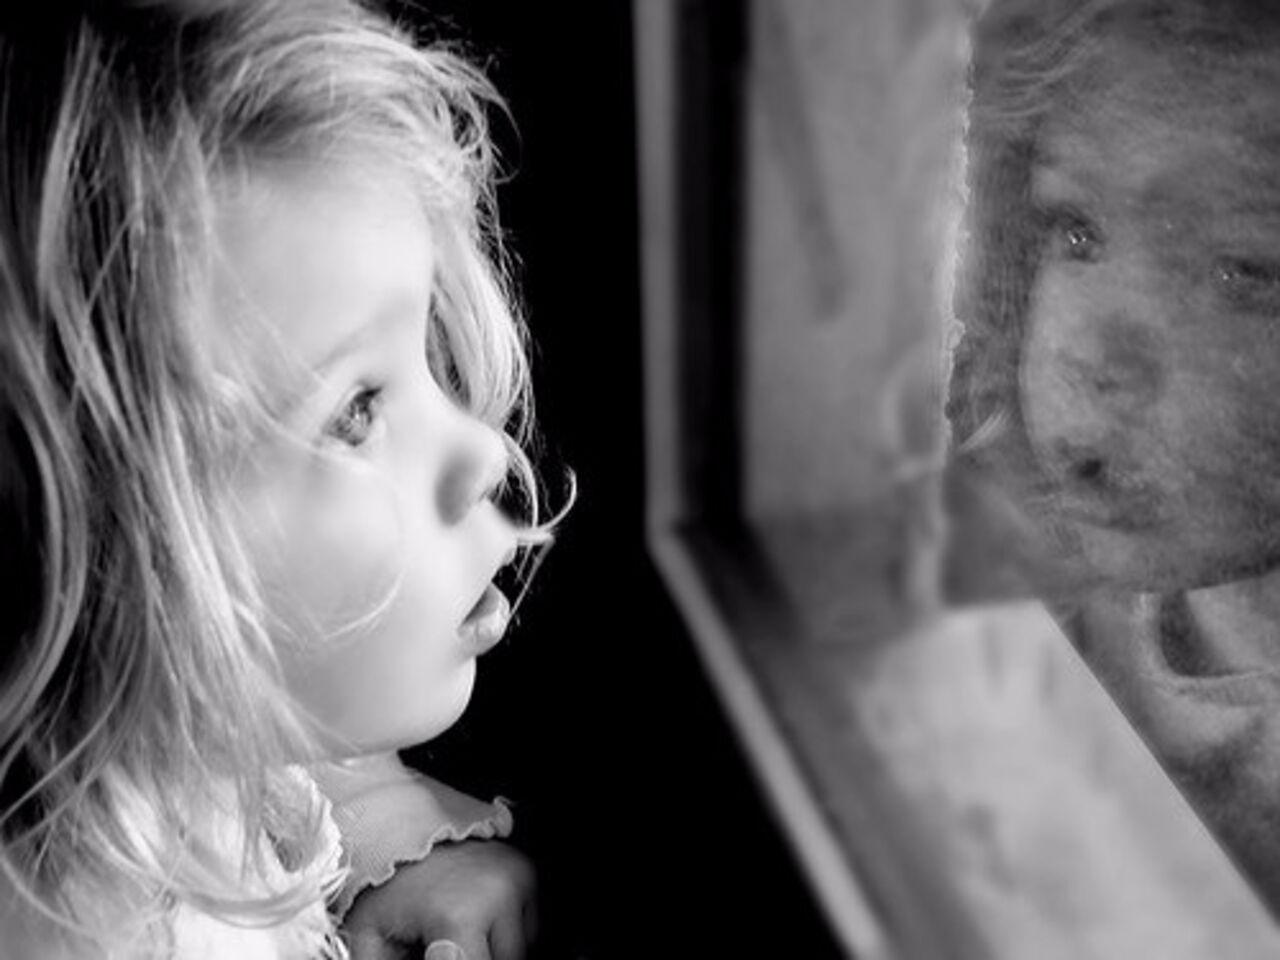 В Братске Иркутской области из окна многоэтажного дома выпрыгнула 5-летняя девочка. Информацией об этом поделилась пресс-служба региональ